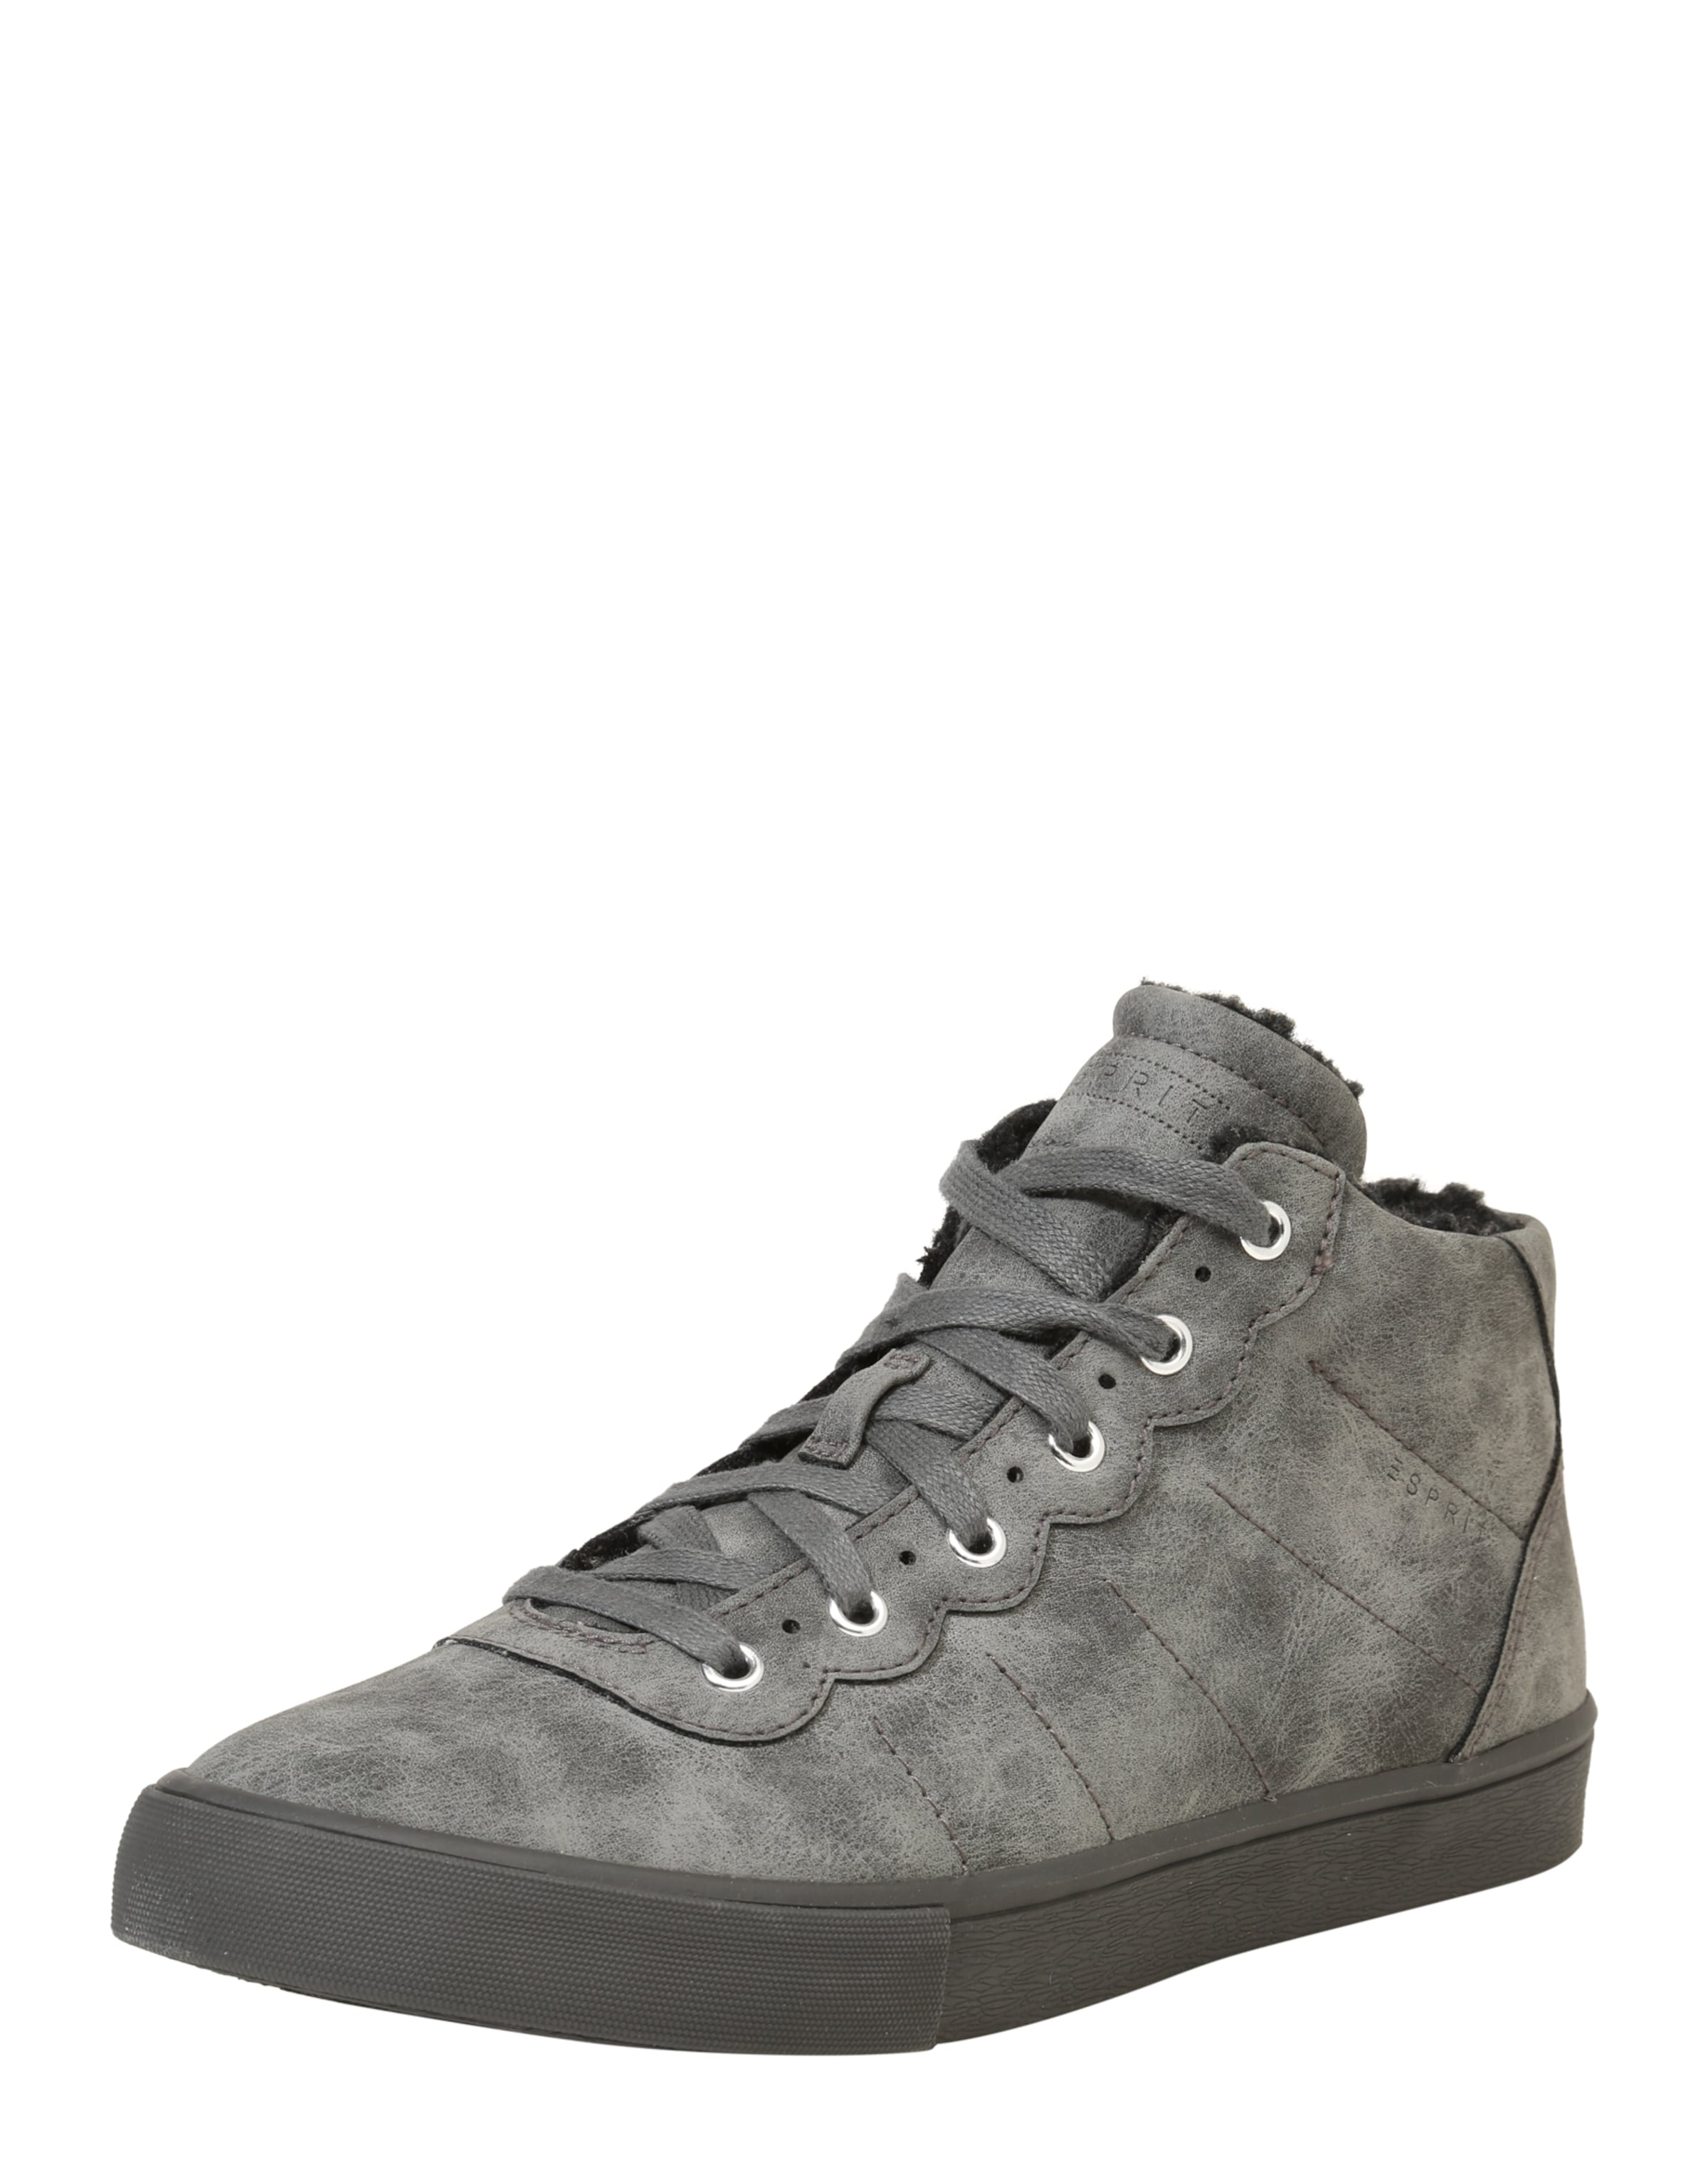 ESPRIT Sneaker High Verschleißfeste billige Schuhe